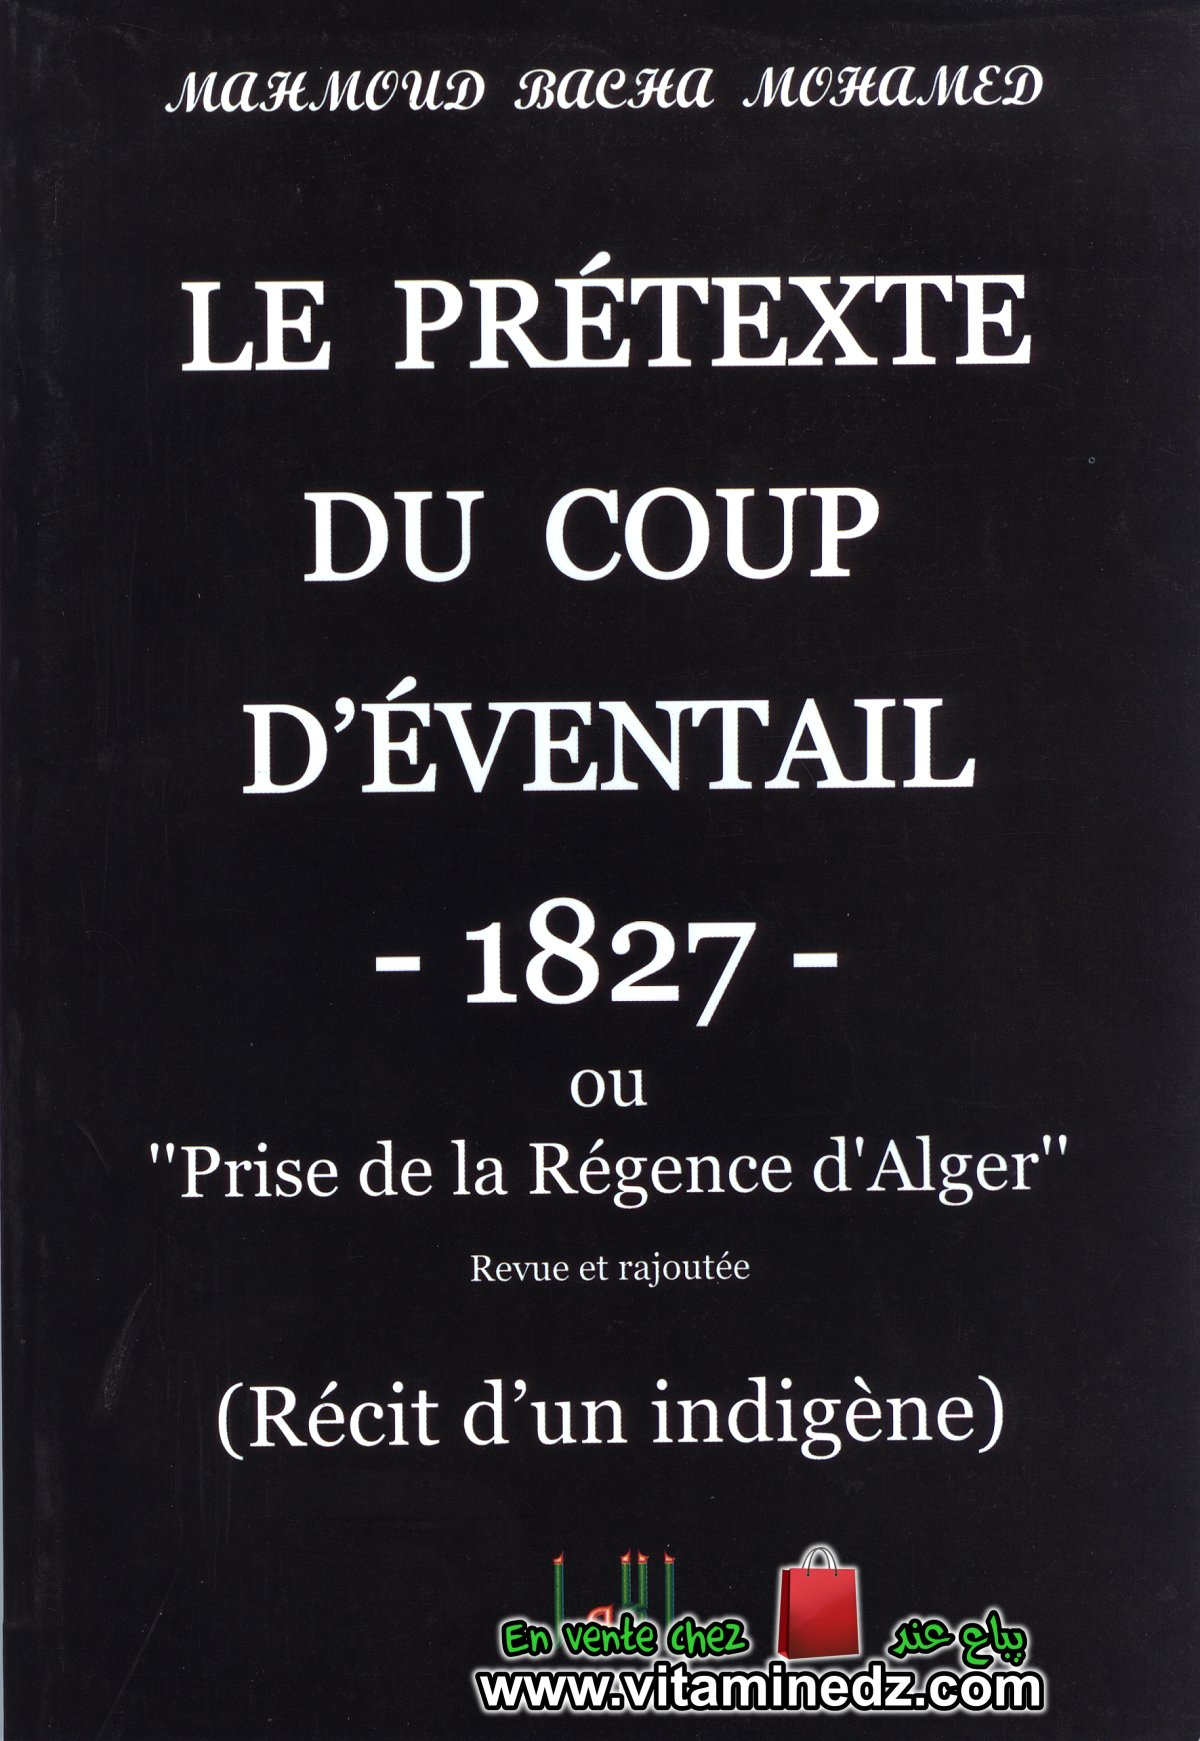 Mahmoud Bacha Mohamed - Le Prétexte du Coup d'Eventail -1827-